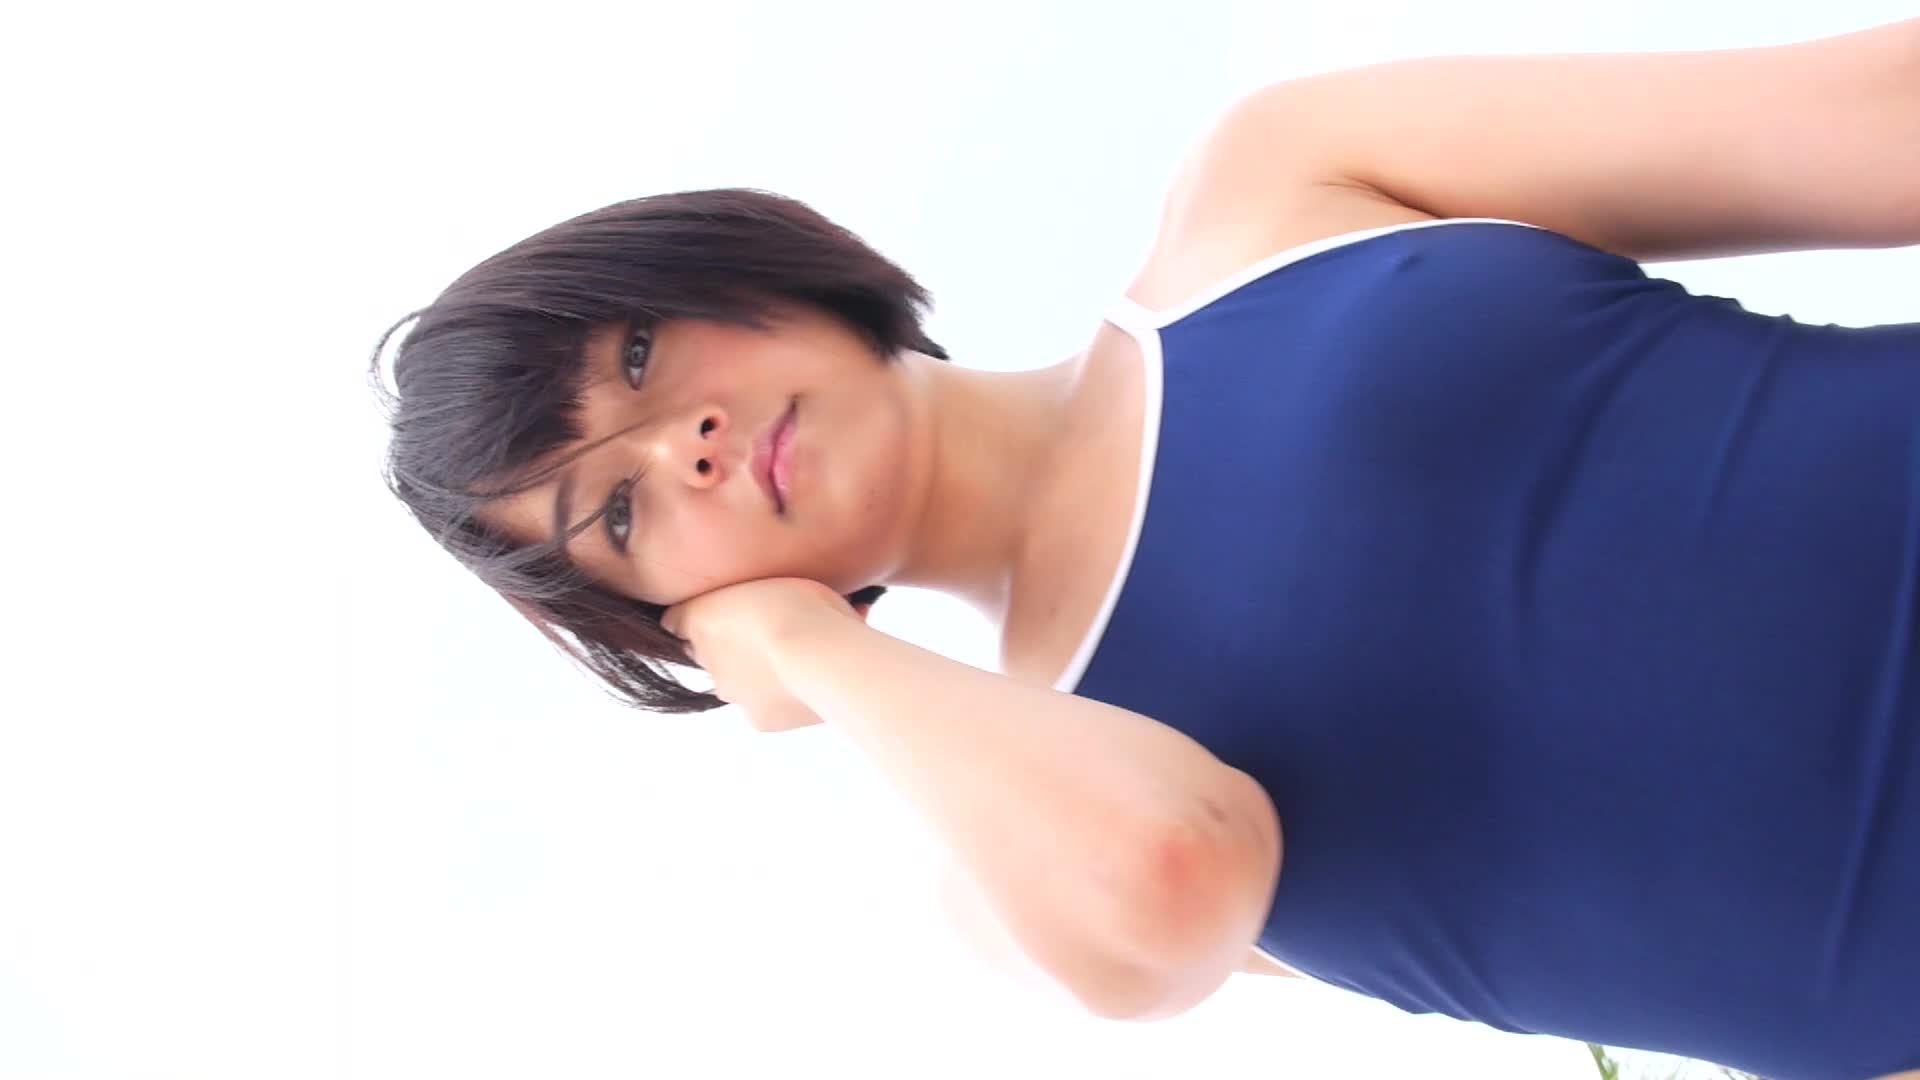 c10 - 夢白書 〜黄金のまどろみ〜/伊唐みよ